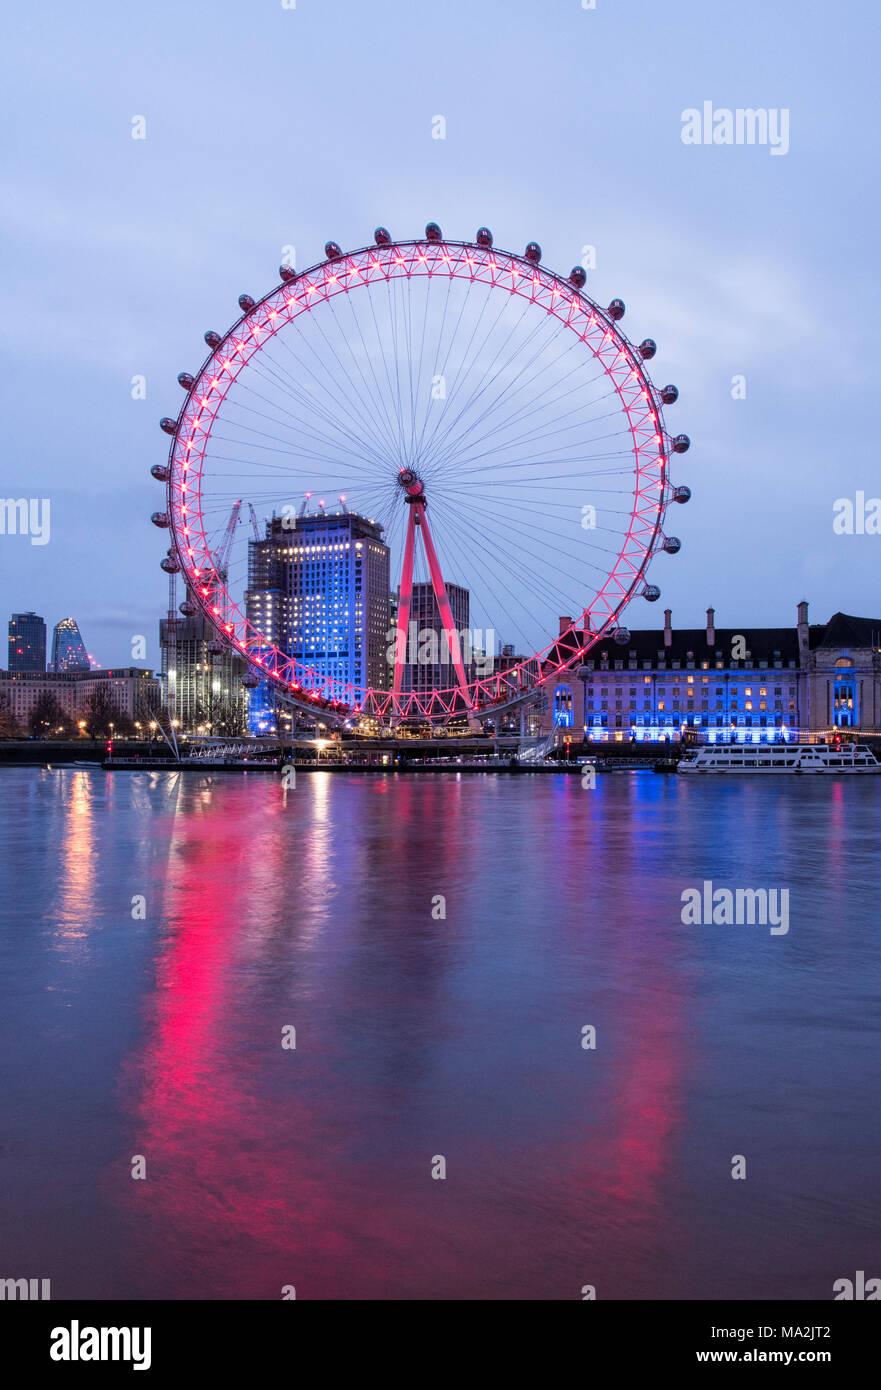 Sonnenaufgang an der Themse, auf das London Eye und der County Hall, London, England Stockbild